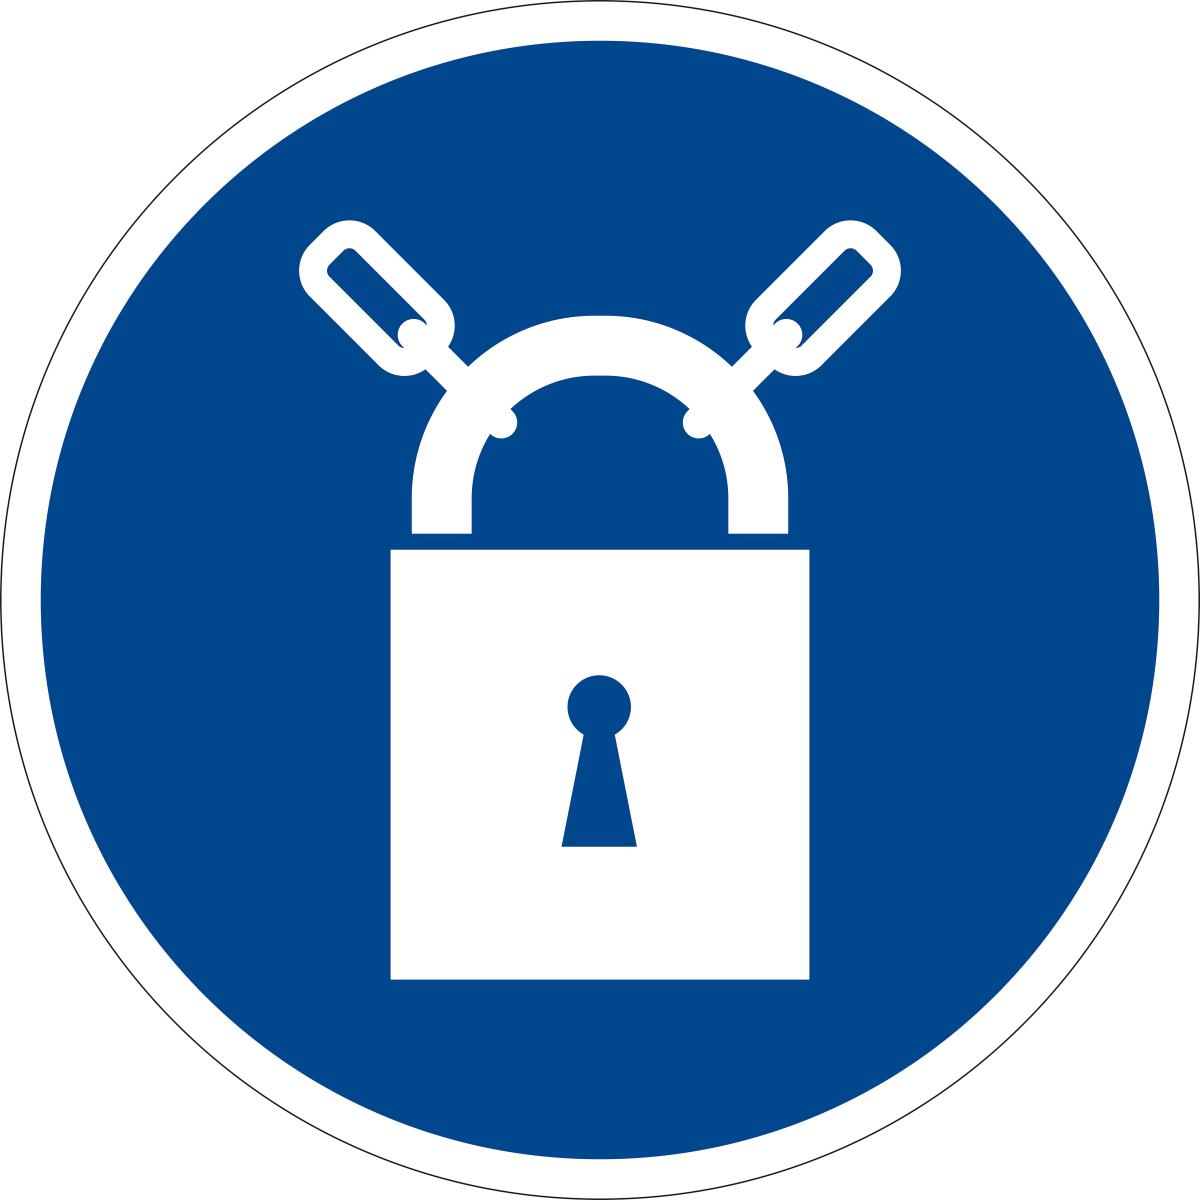 Наклейка информационная Оранжевый Слоник Закрывать на замок, 15 х 15 смINR001RGBИнформационные наклейки предназначенны для предупреждения людей о непосредственной или возможной опасности, запрещения, предписания или разрешения определенных действий, а также для информации о расположении объектов и средств, использование которых ислючает или снижает воздействие опасных и (или) вредных факторов.